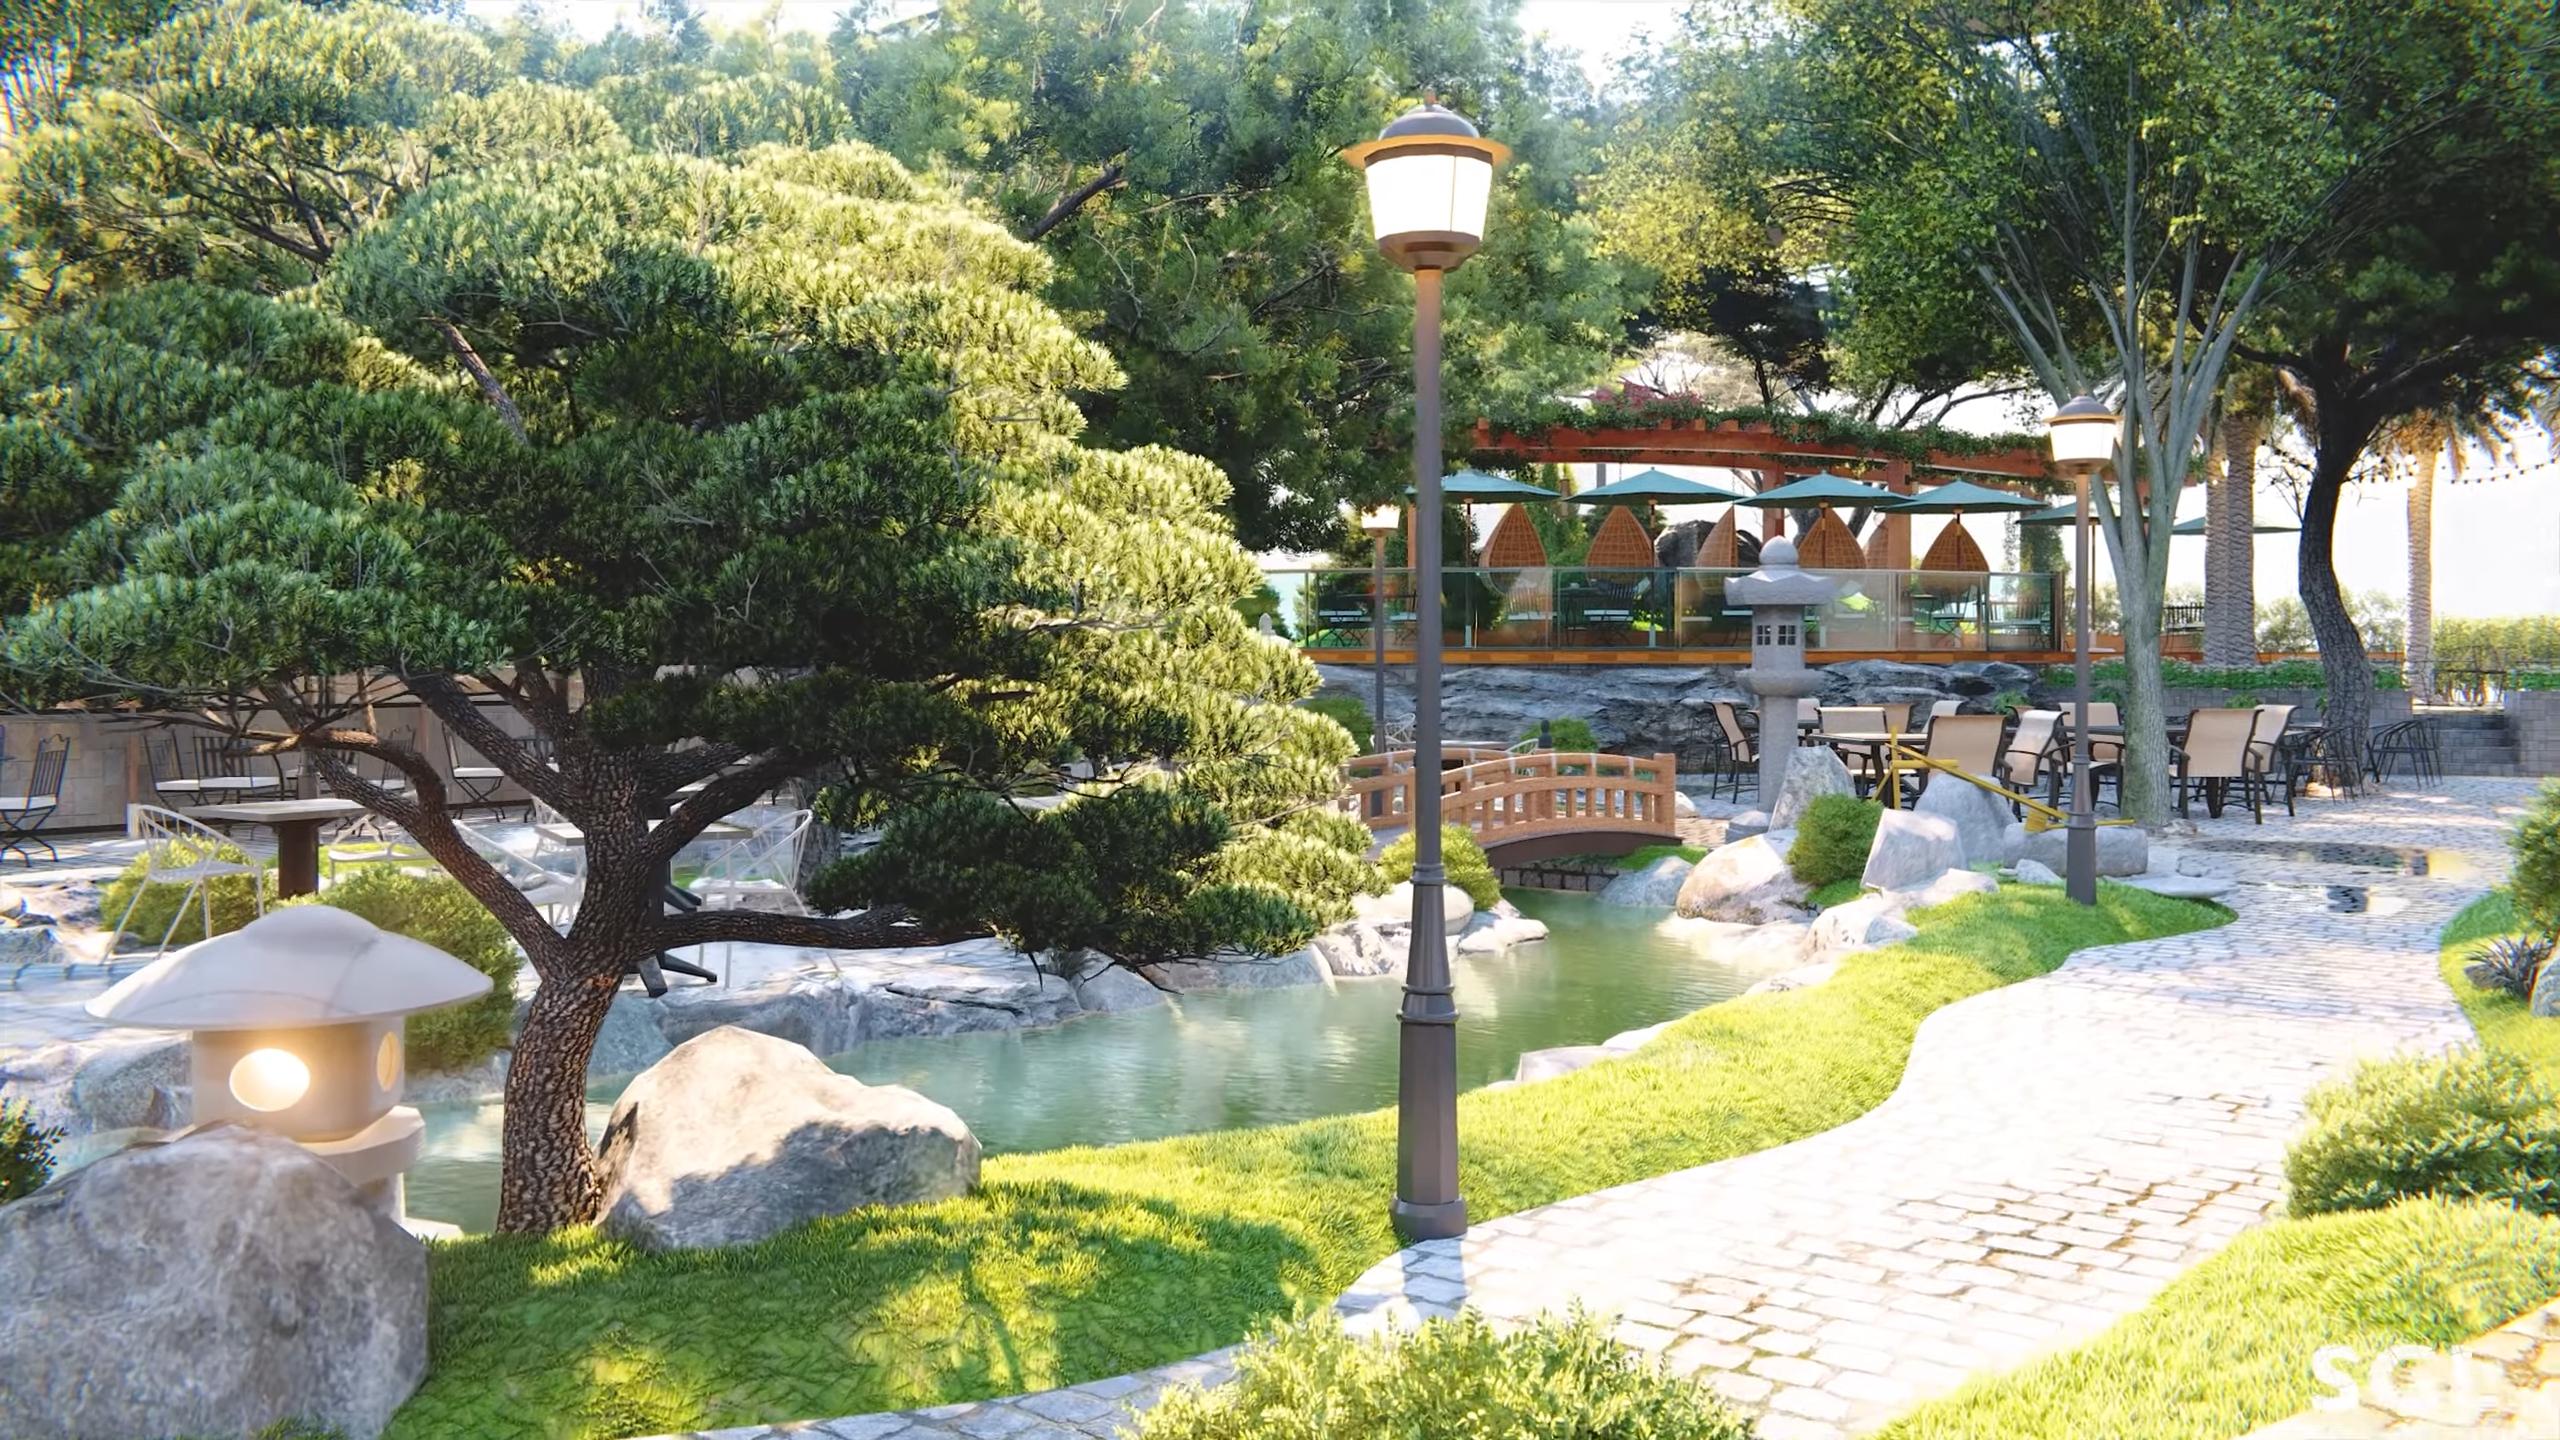 Phong cách thiết kế cảnh quan sân vườn NBS